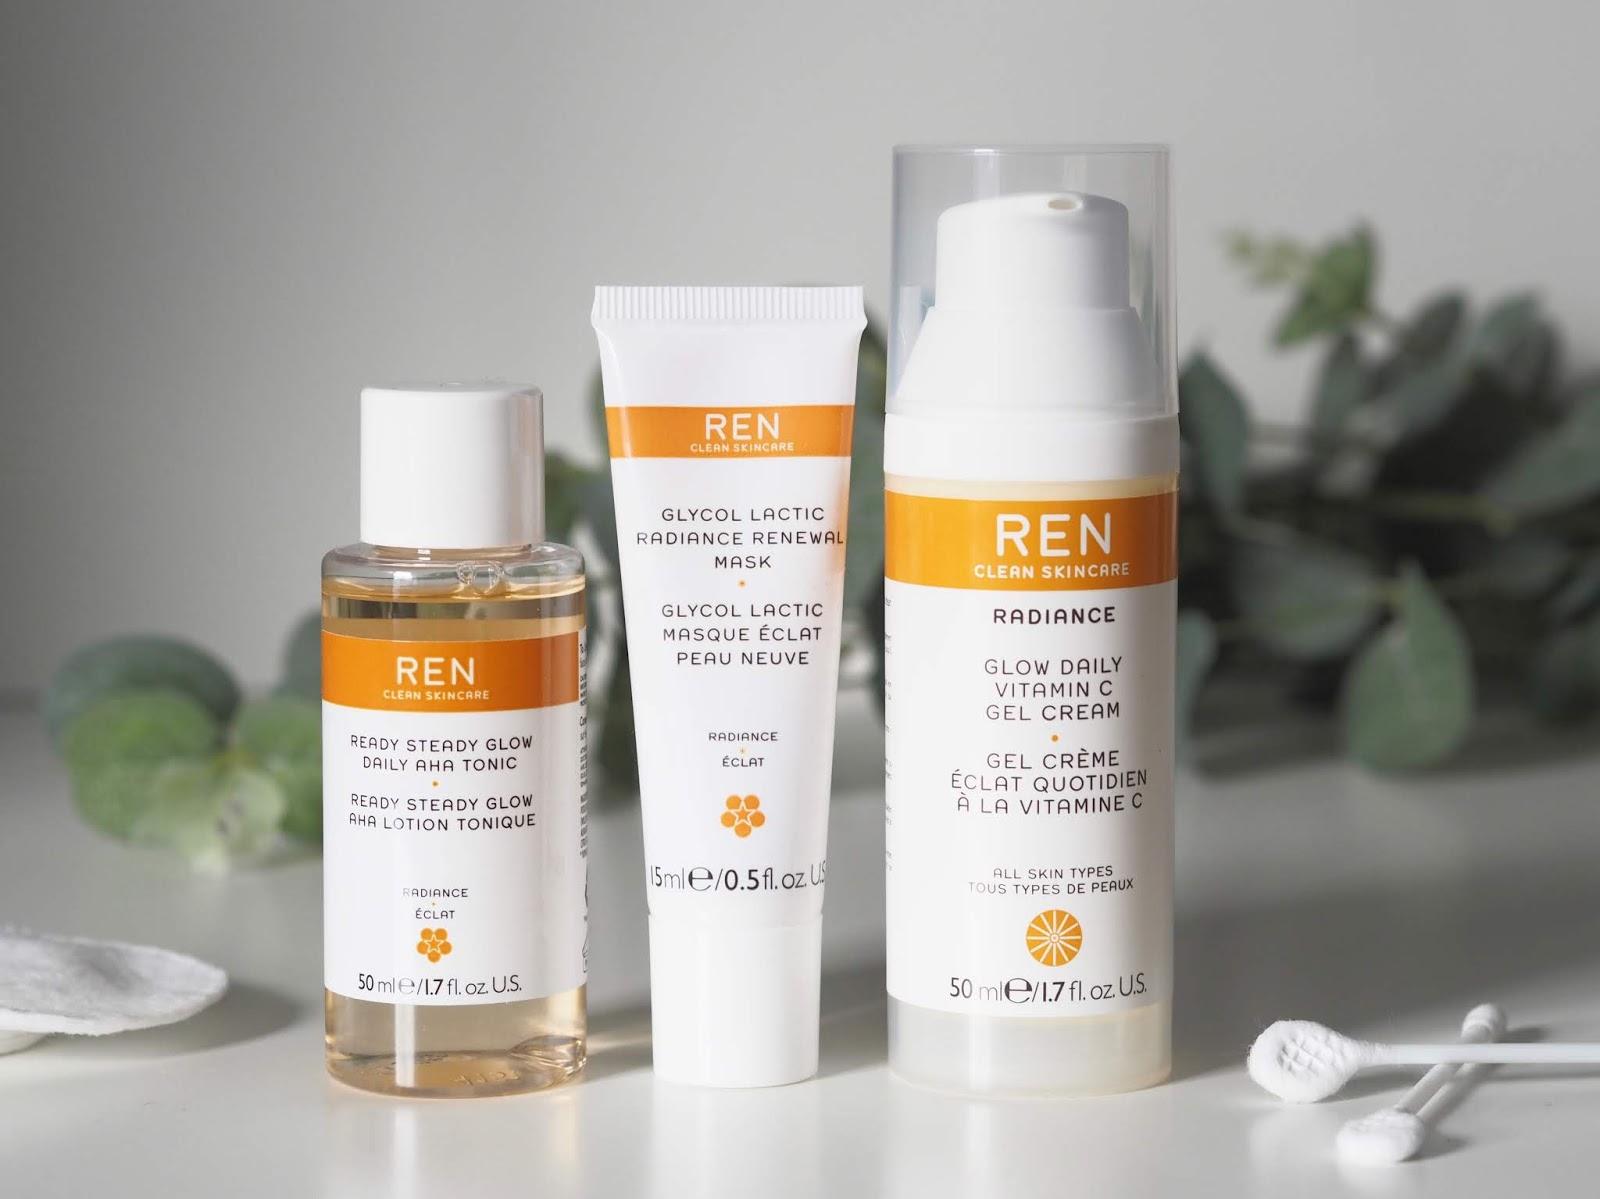 REN radiance skincare trio